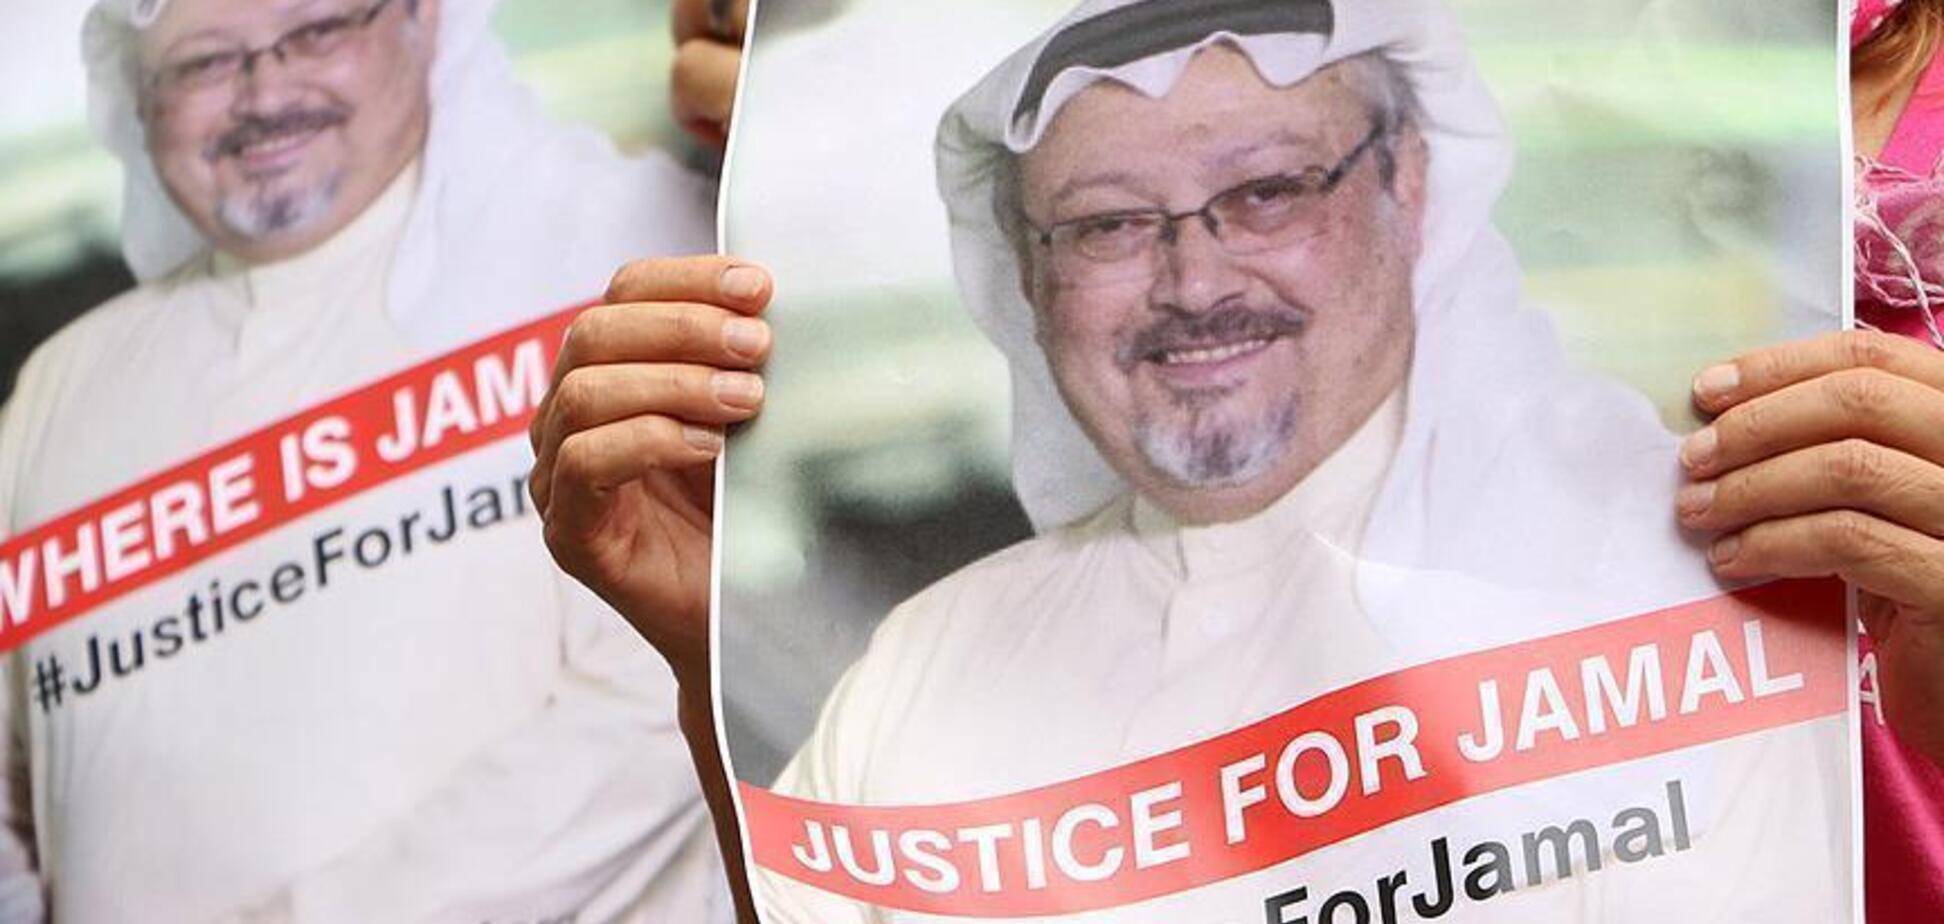 Розчленували хірургічної пилкою: озвучені нові версії вбивства саудівського журналіста